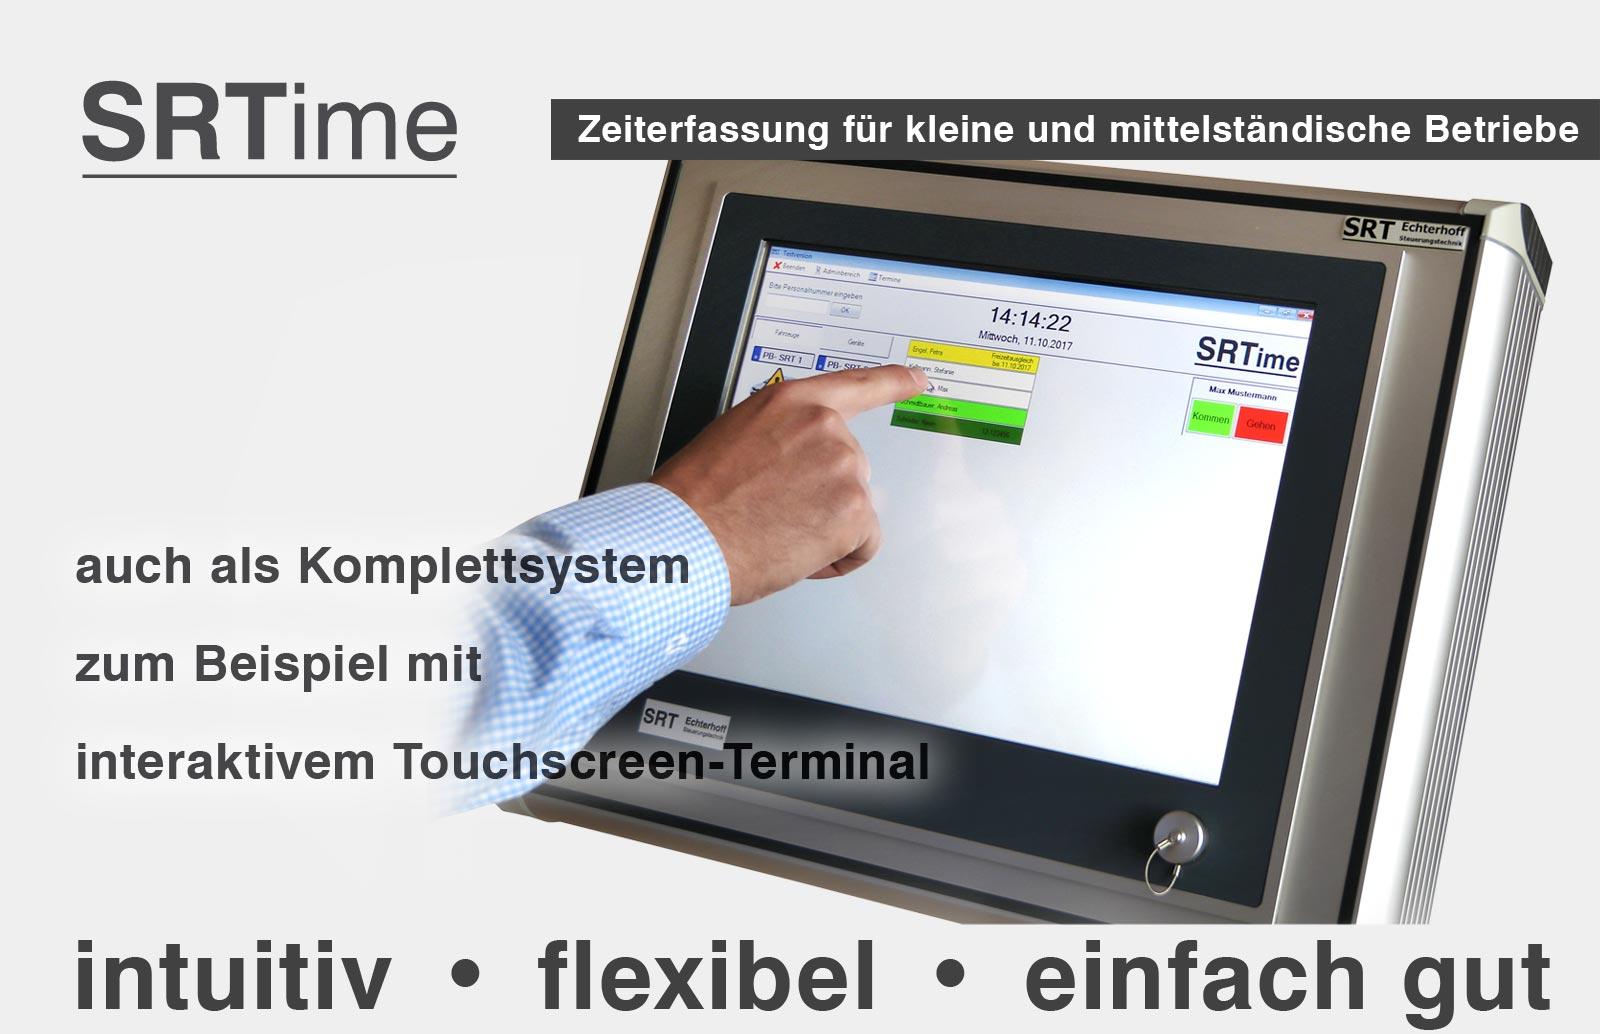 SRTime, Die intuitive Zeiterfassung für klein- und Mitteständische Betriebe. Zeiterfassung, Projektverwaltung, Nachkalkulation,  Fahrzeugverwaltung, Individuelle Programmanpassung,  Zeiterfassung über PC- Export zu Excel